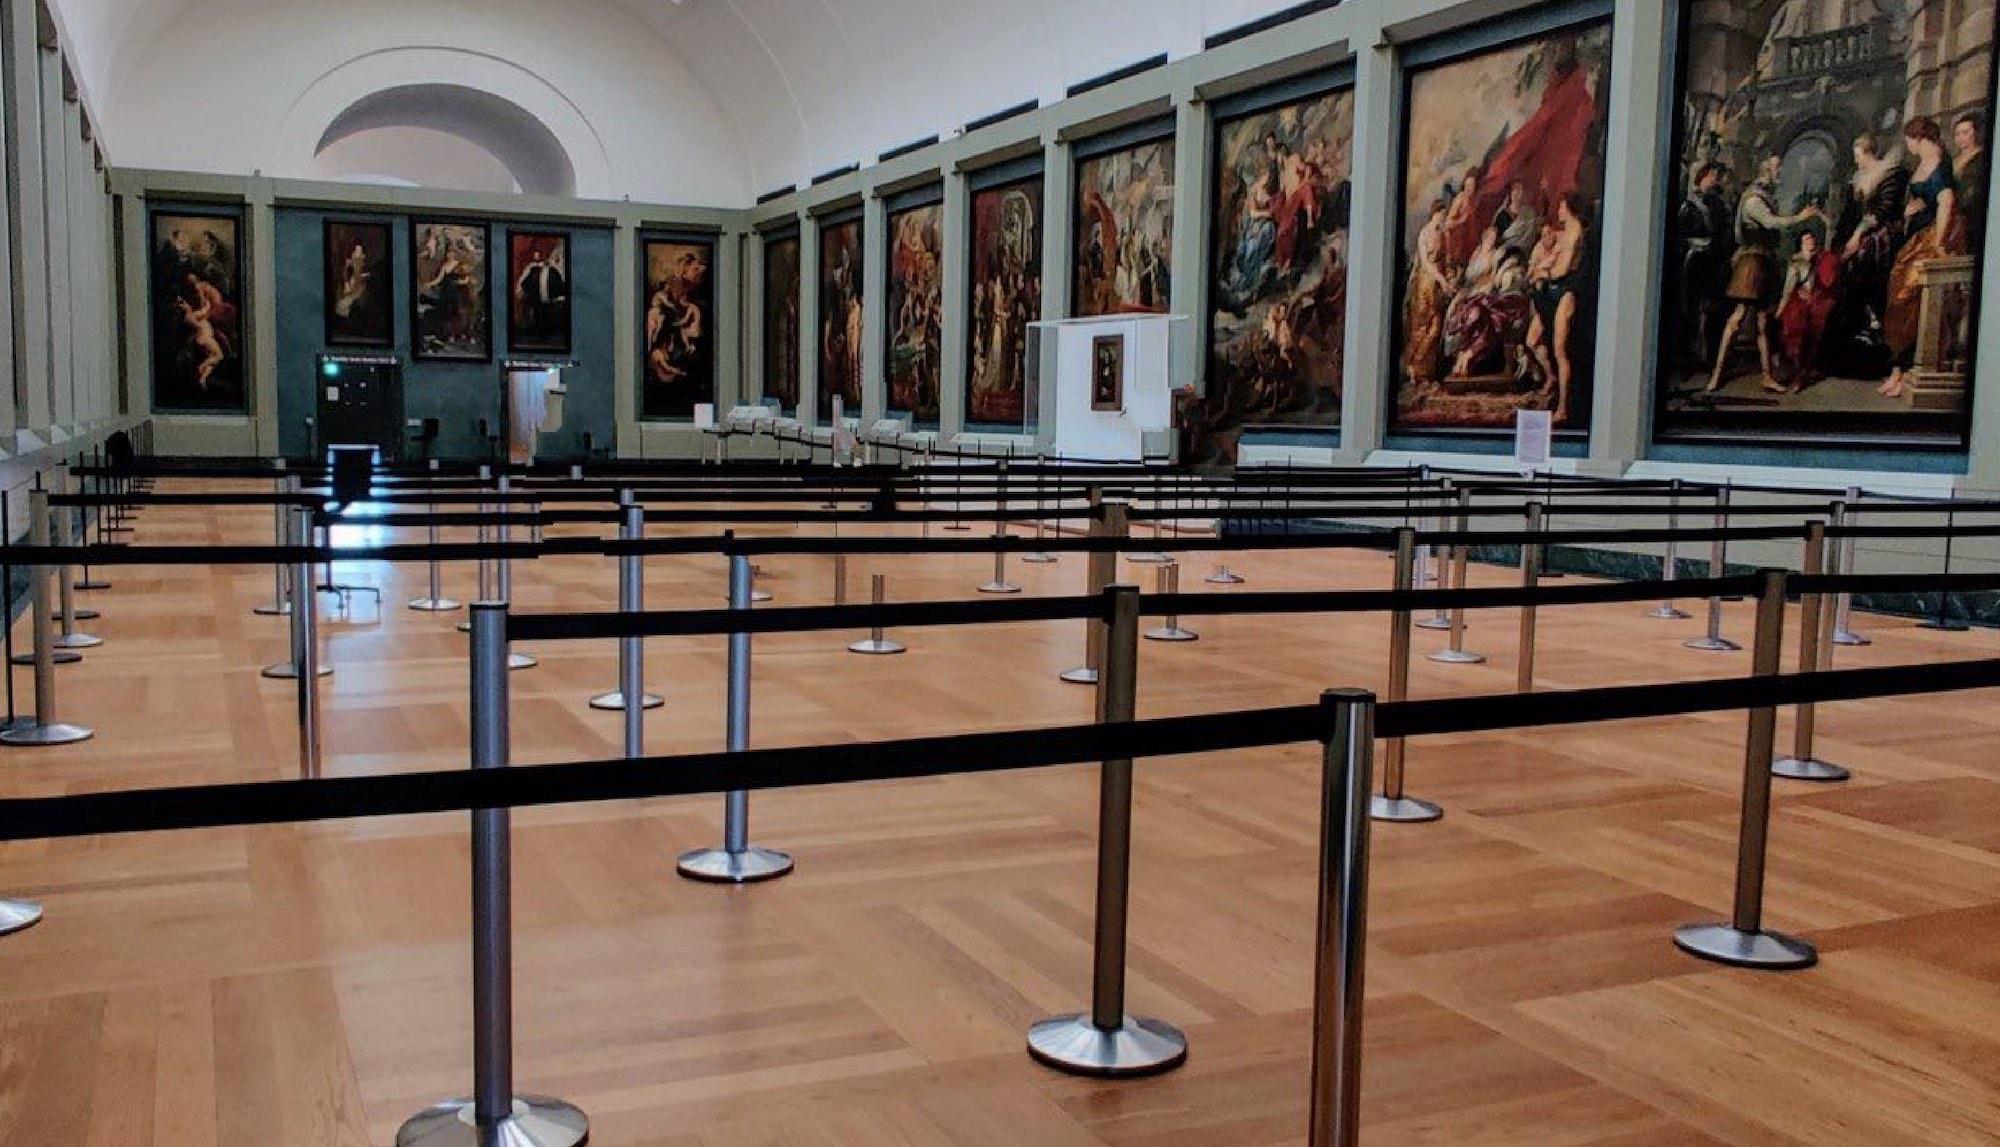 Louvre come Disneyland: le code per vedere la Gioconda si fanno in un percorso transennato. E la sicurezza?